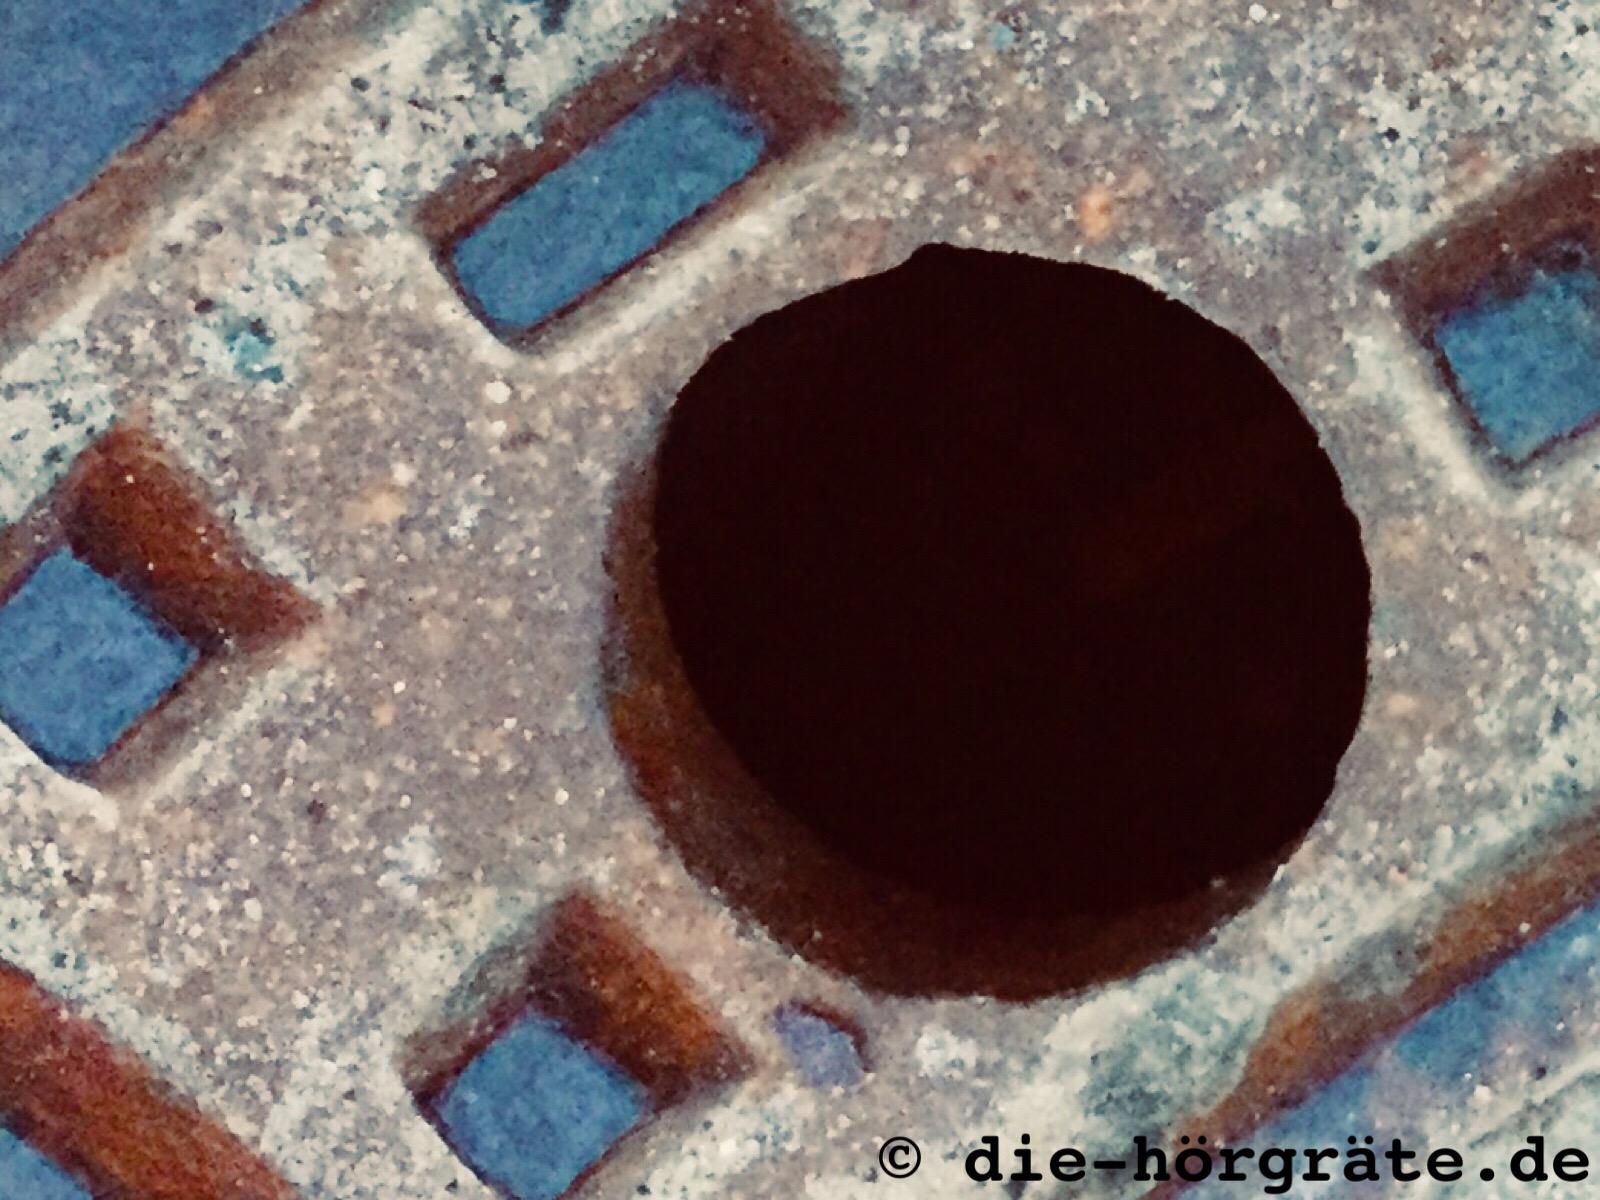 ein kleines Stück von einem alten, gusseisernen Kanaldeckel, vor allem ein Loch, durch das man ins Dunkel blicken kann